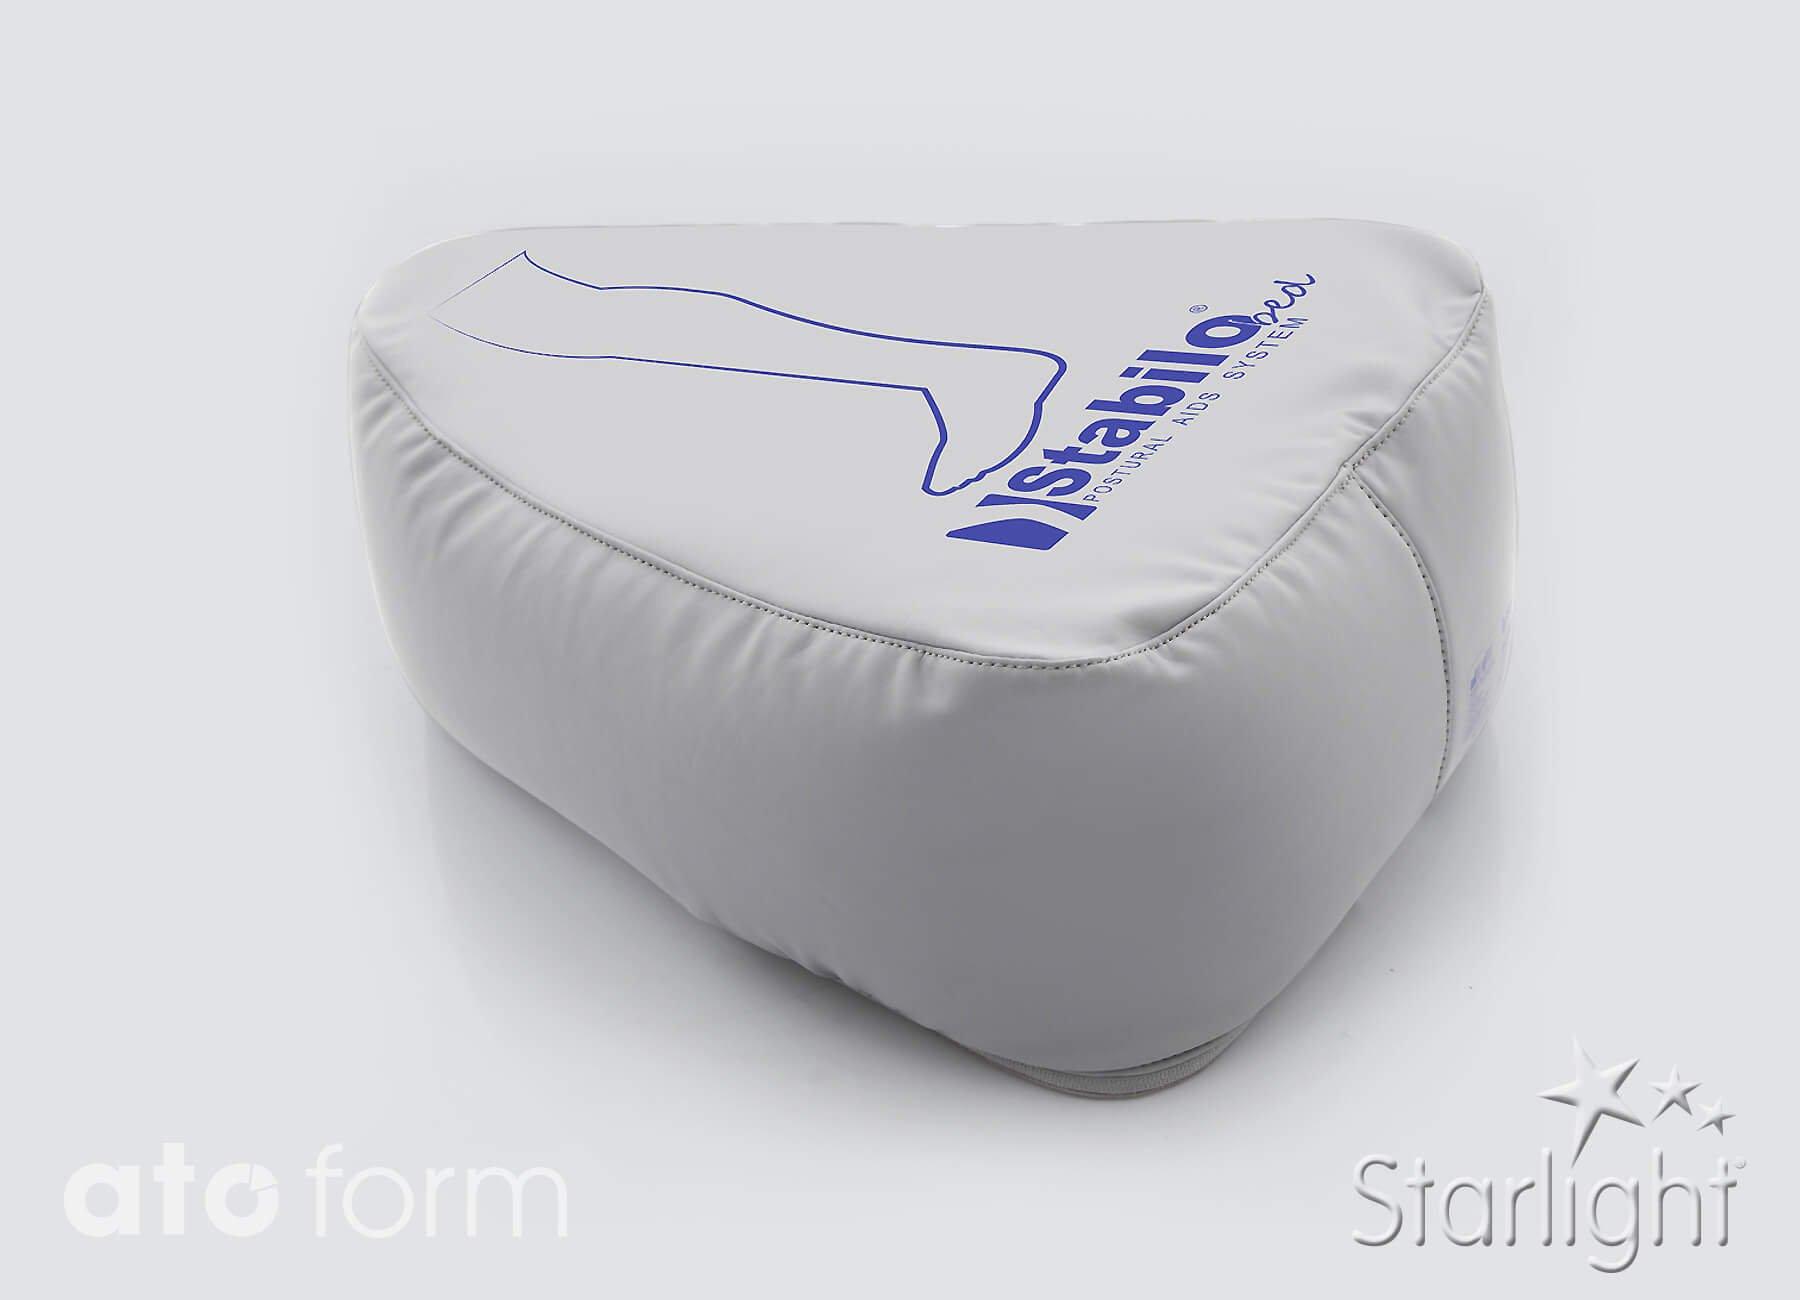 Beinabduktionskissen STABILObed®